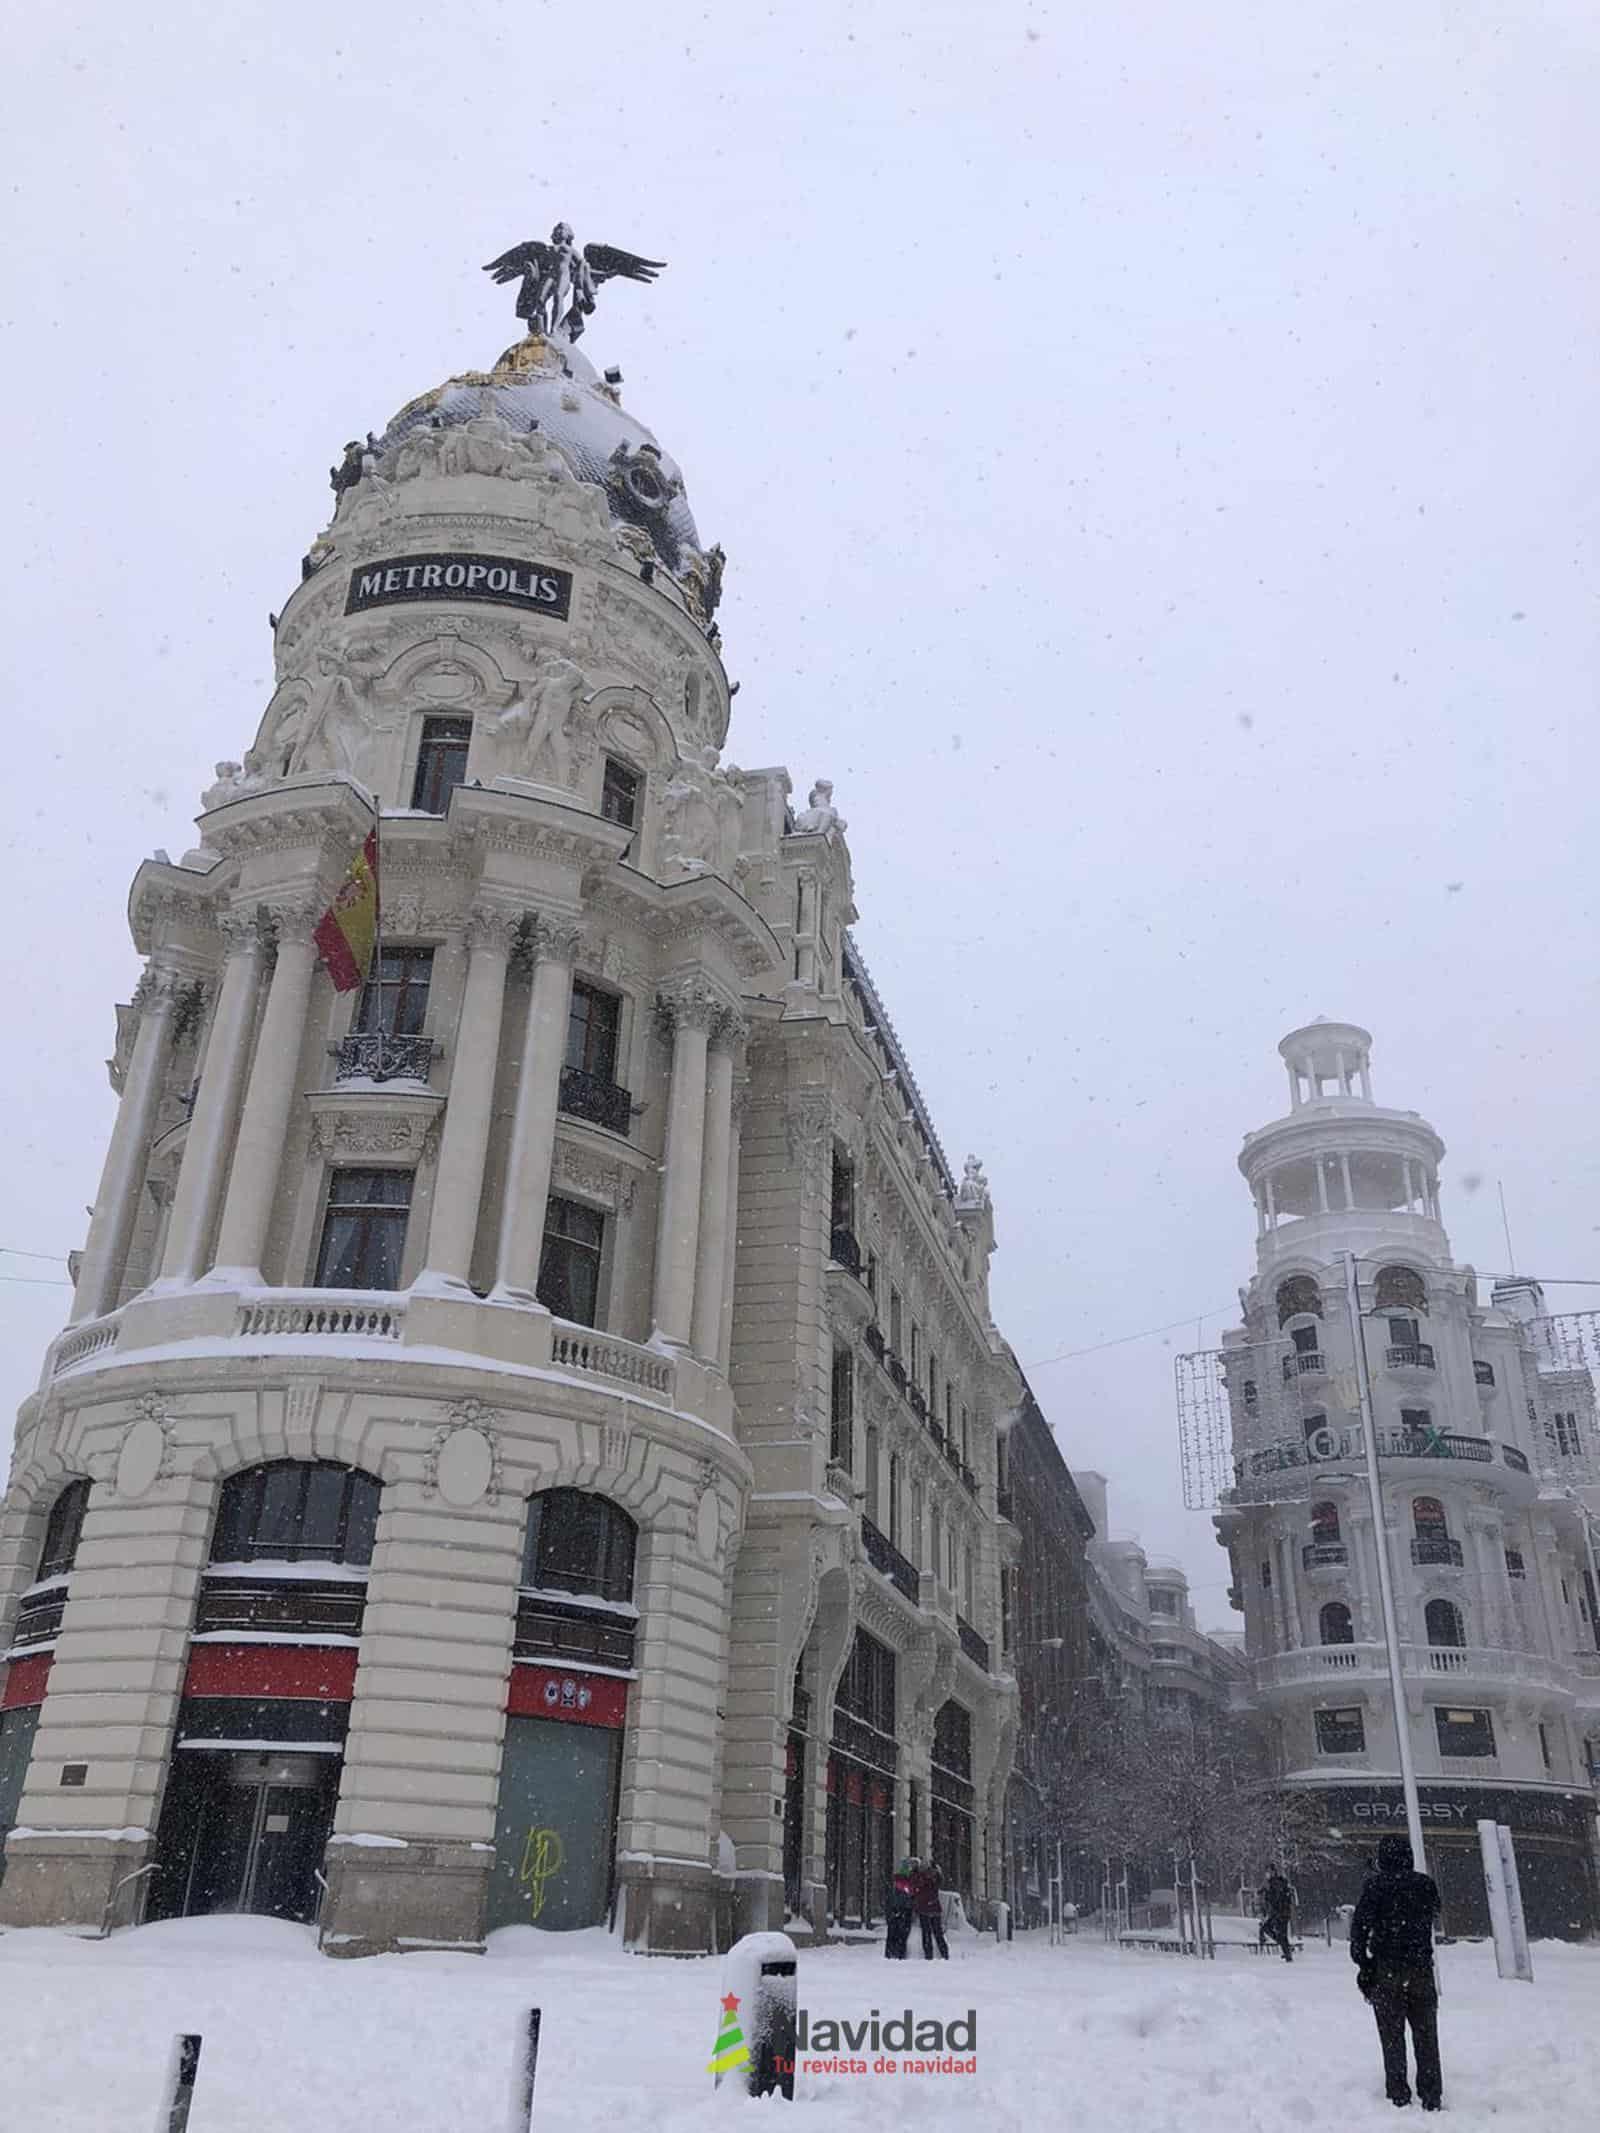 Fotografías de la nevada de enero en Madrid (España) 163